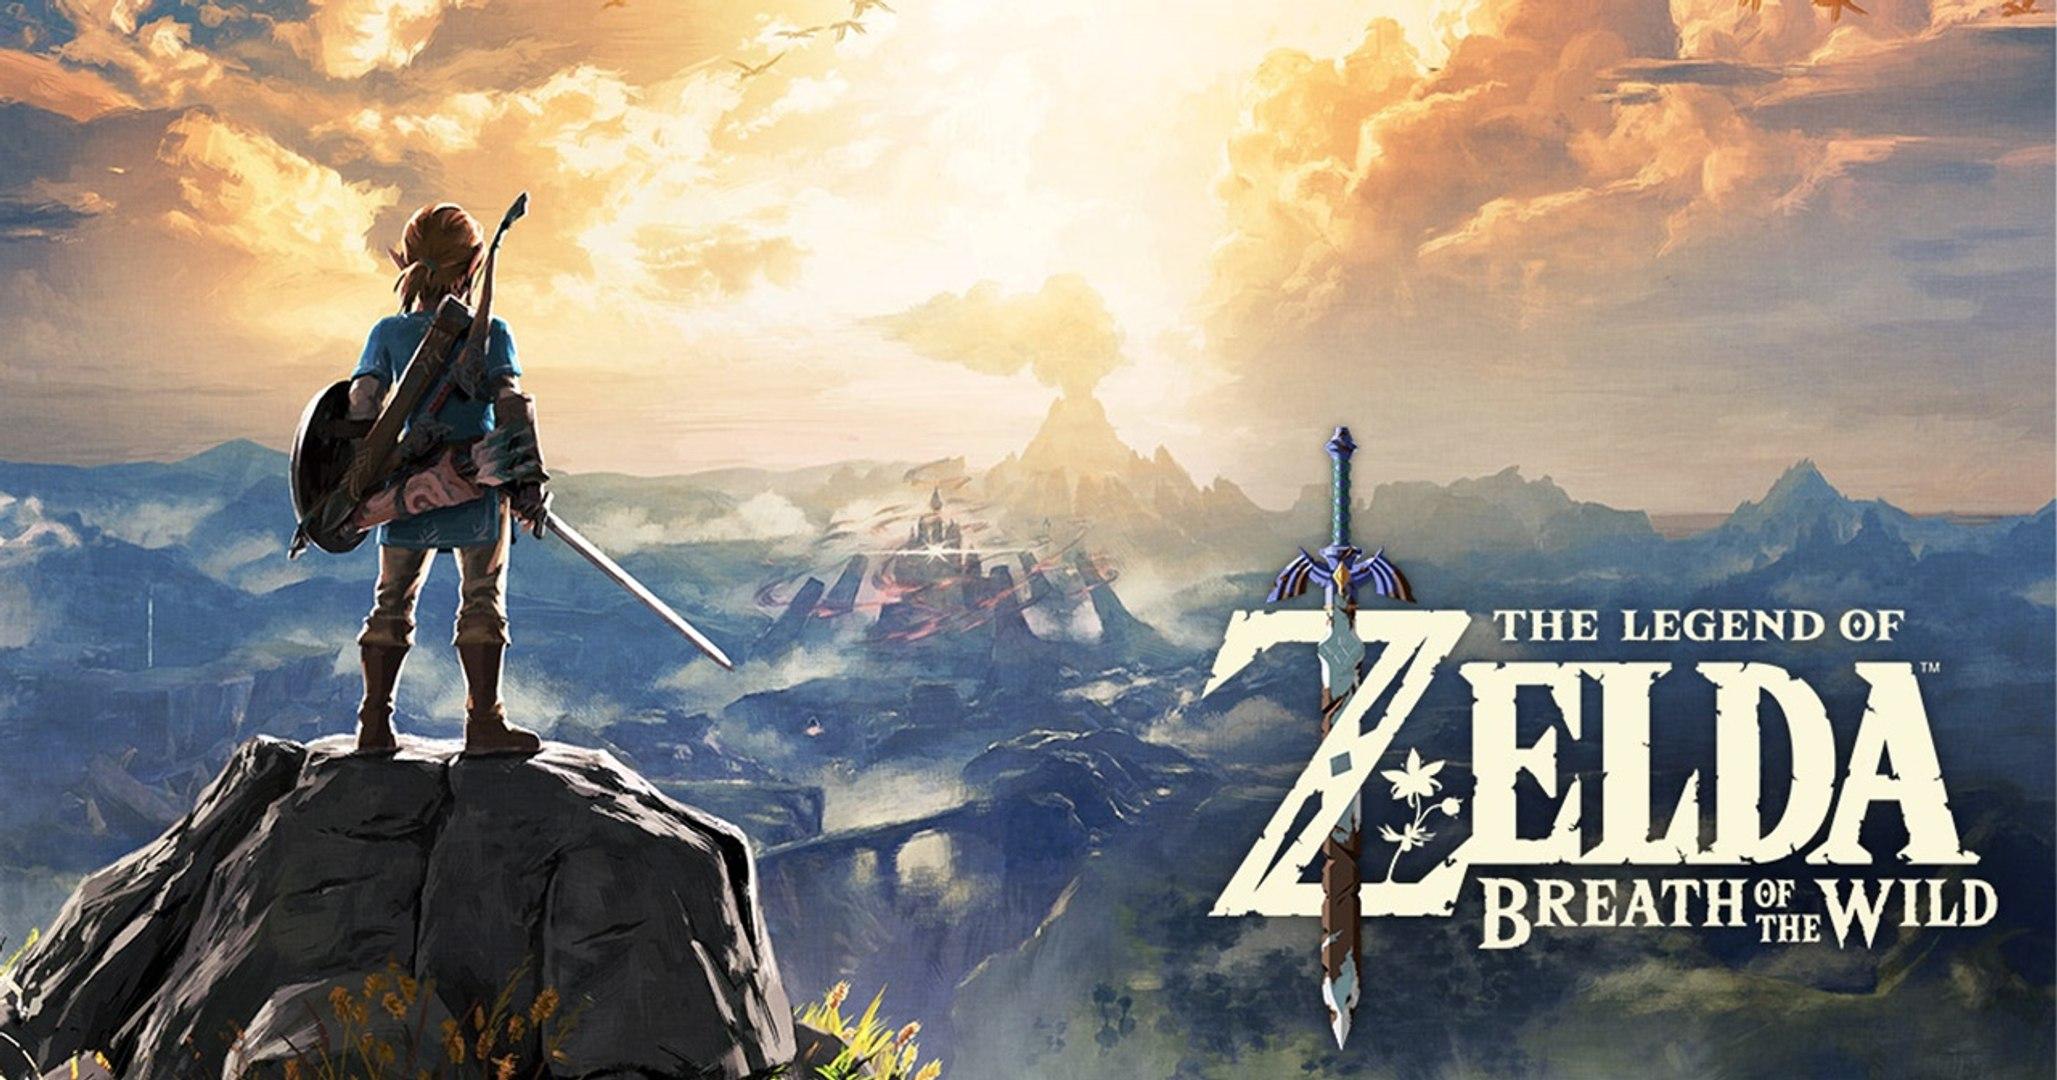 Grupo de fãs dublam trechos de The Legend of Zelda: Breath of the Wild, e o resultado ficou incrível!